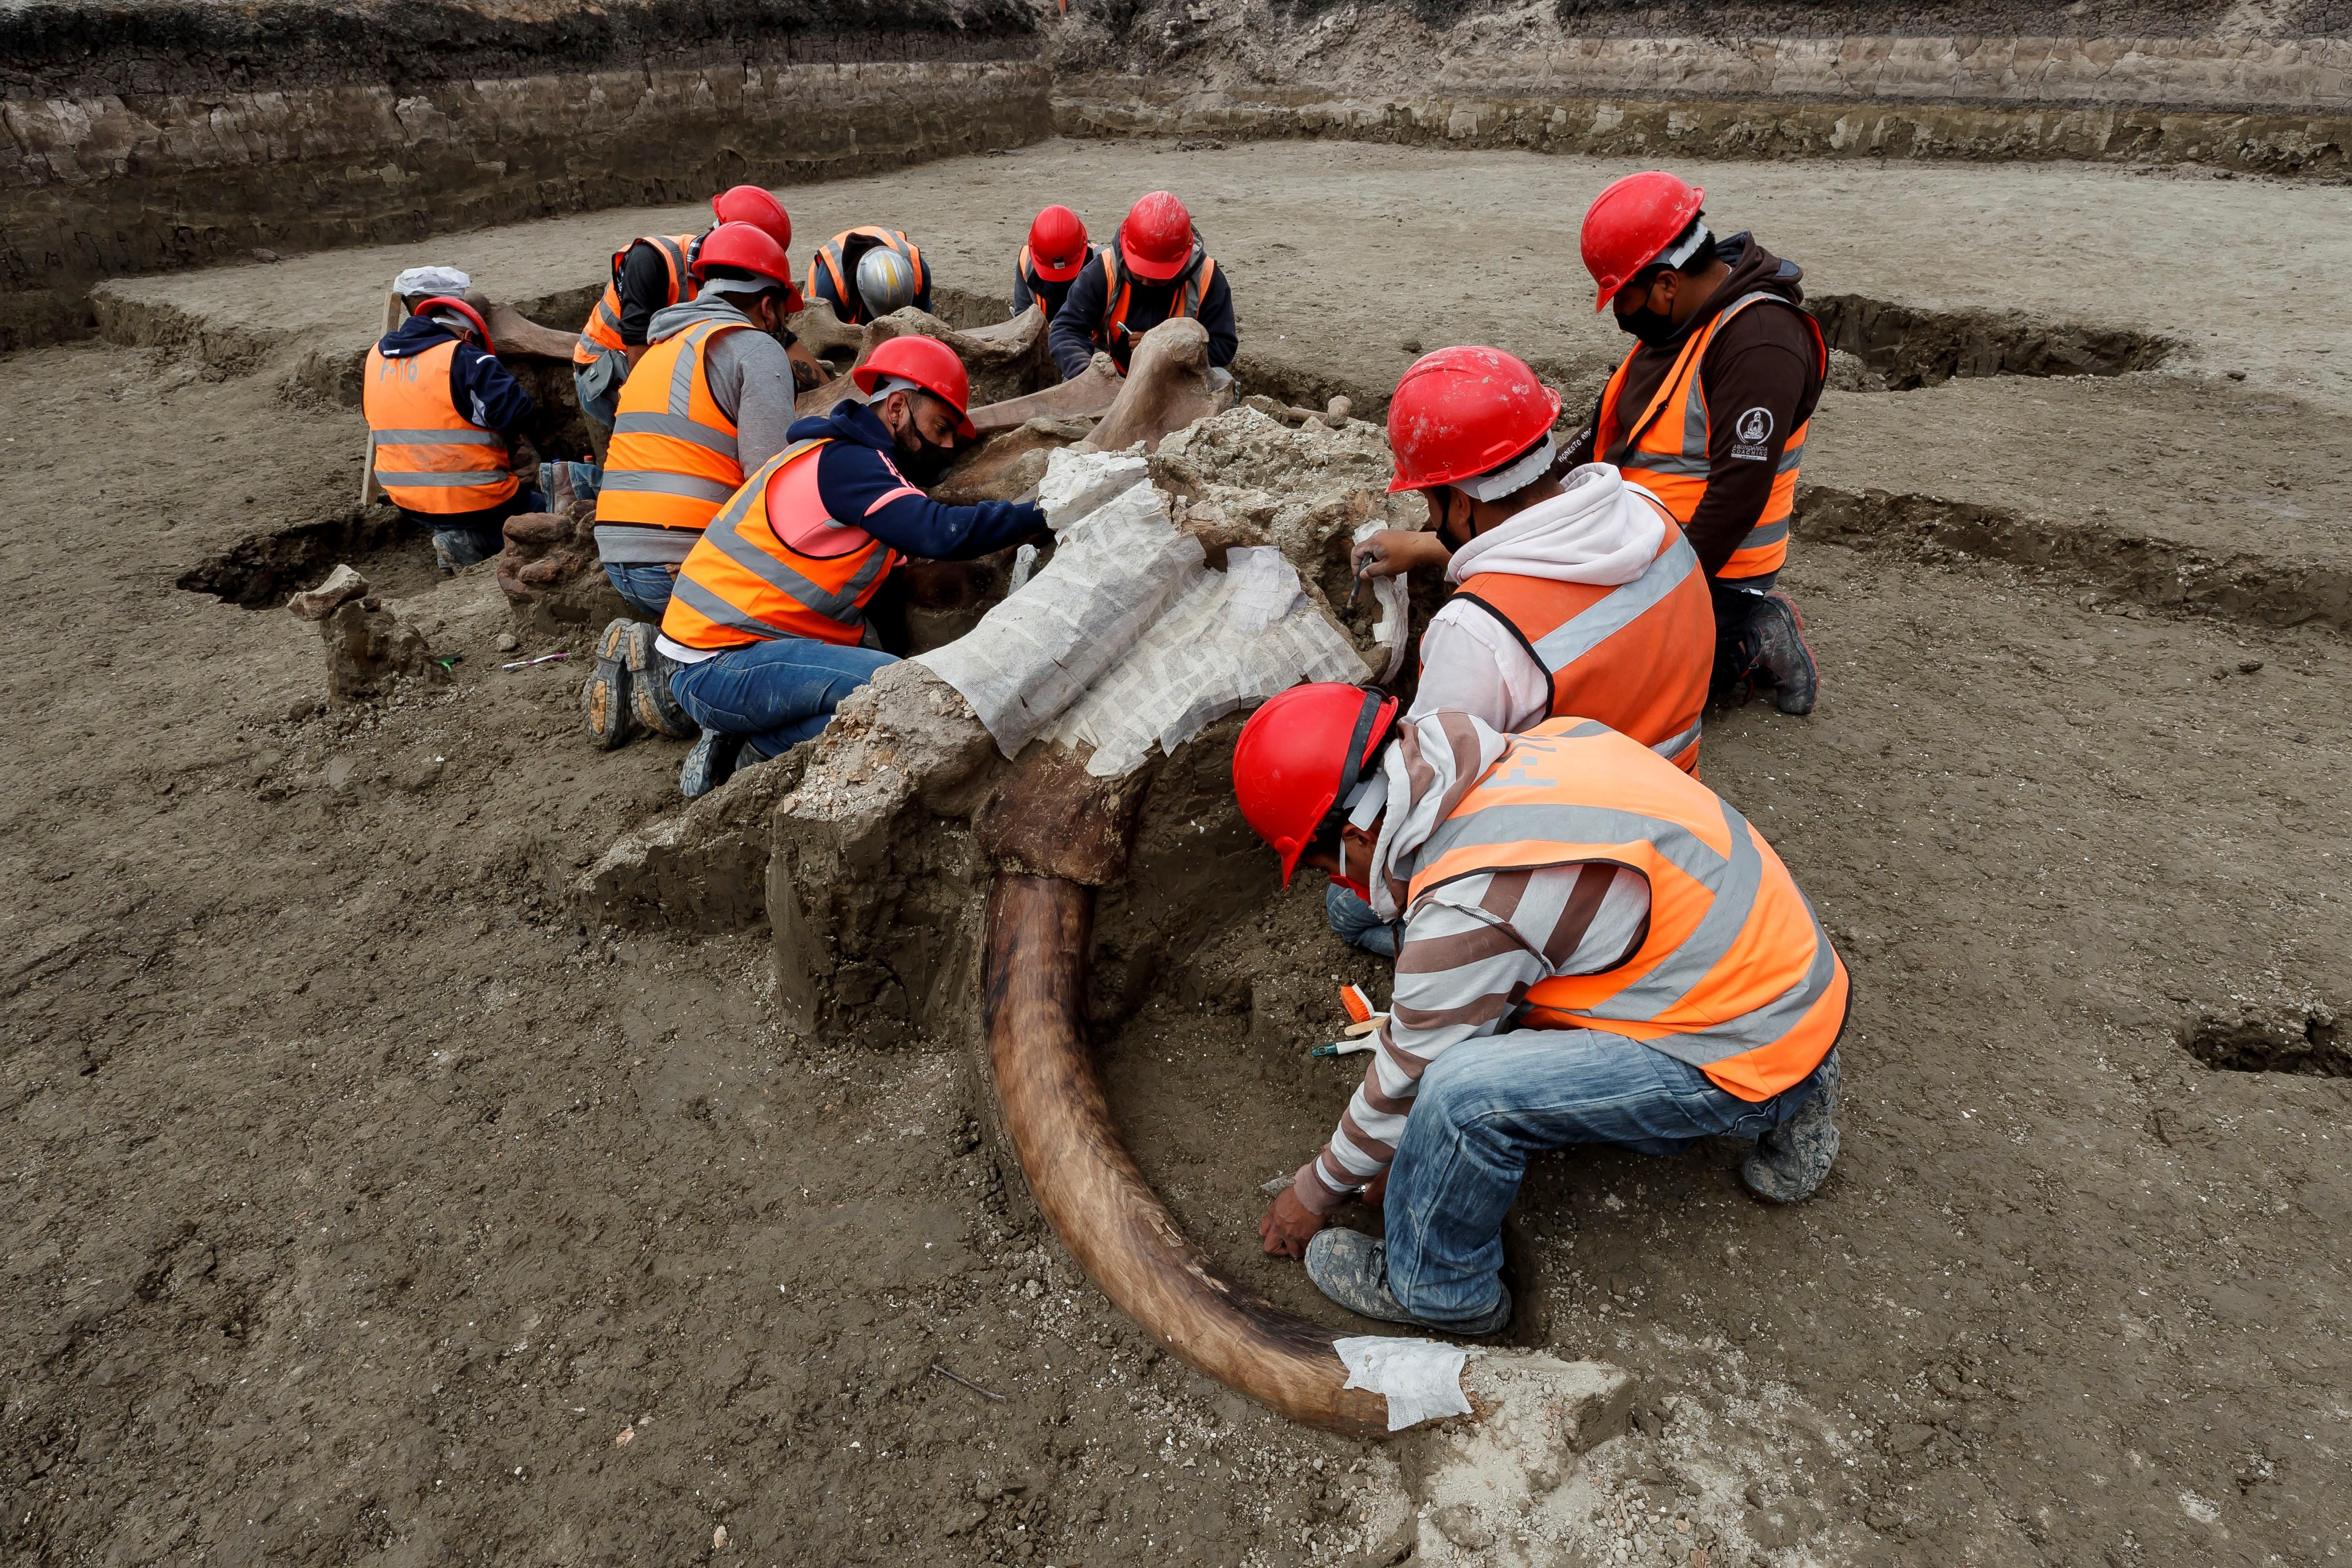 Una decena de trabajadores y especialistas escarban para extraer los huesos de uno de ellos, cuidando que el montículo de tierra que sostiene al otro no se desmorone.